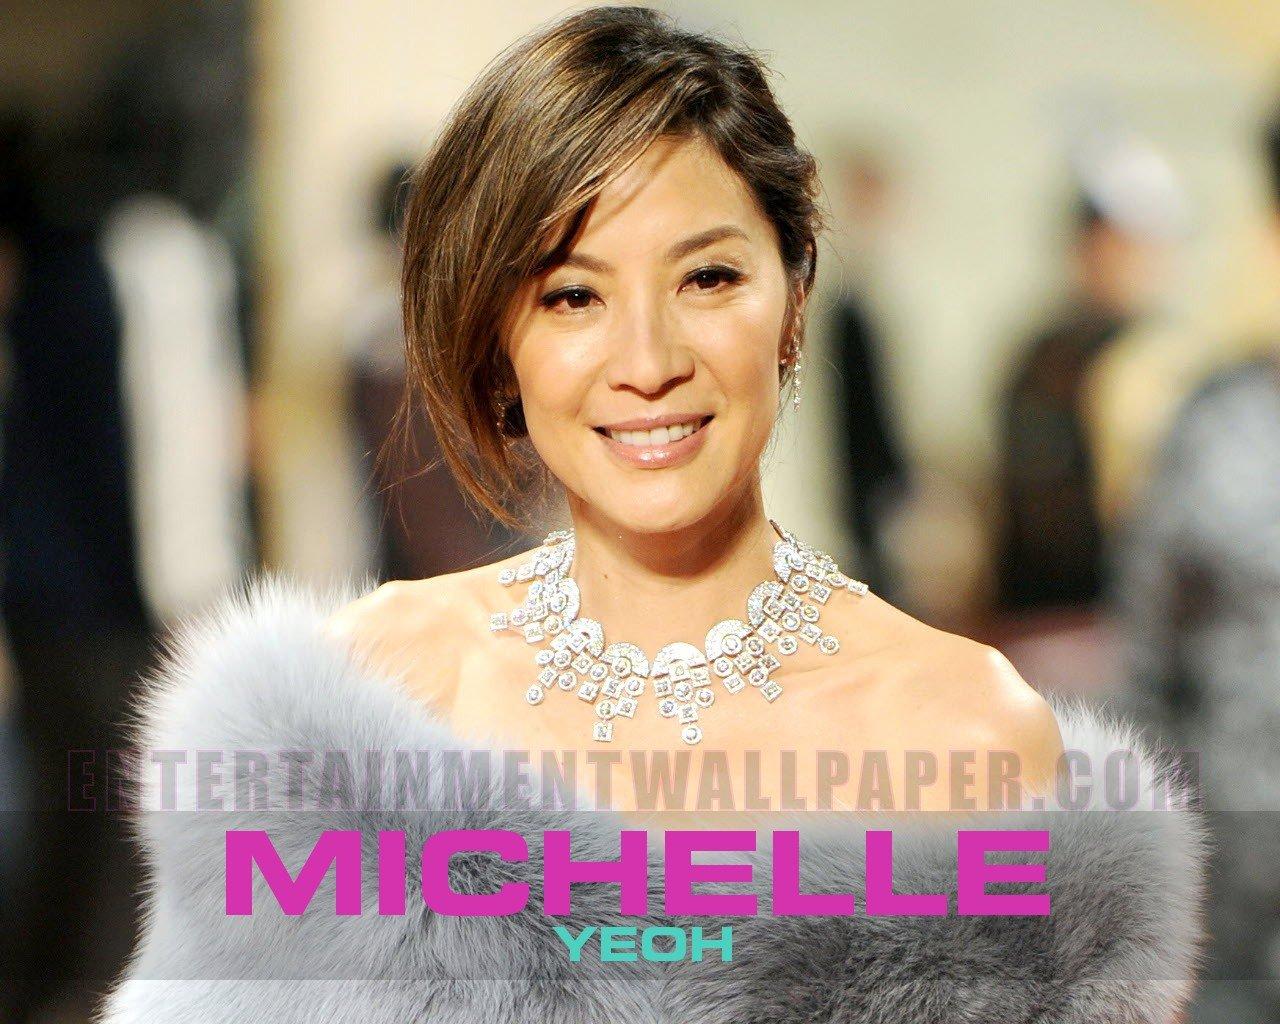 http://4.bp.blogspot.com/-4oix9W-_LDg/Tnct0LyGL1I/AAAAAAAAF9E/P7gd1Jxgw6I/s1600/Michelle_Yeoh05.jpg